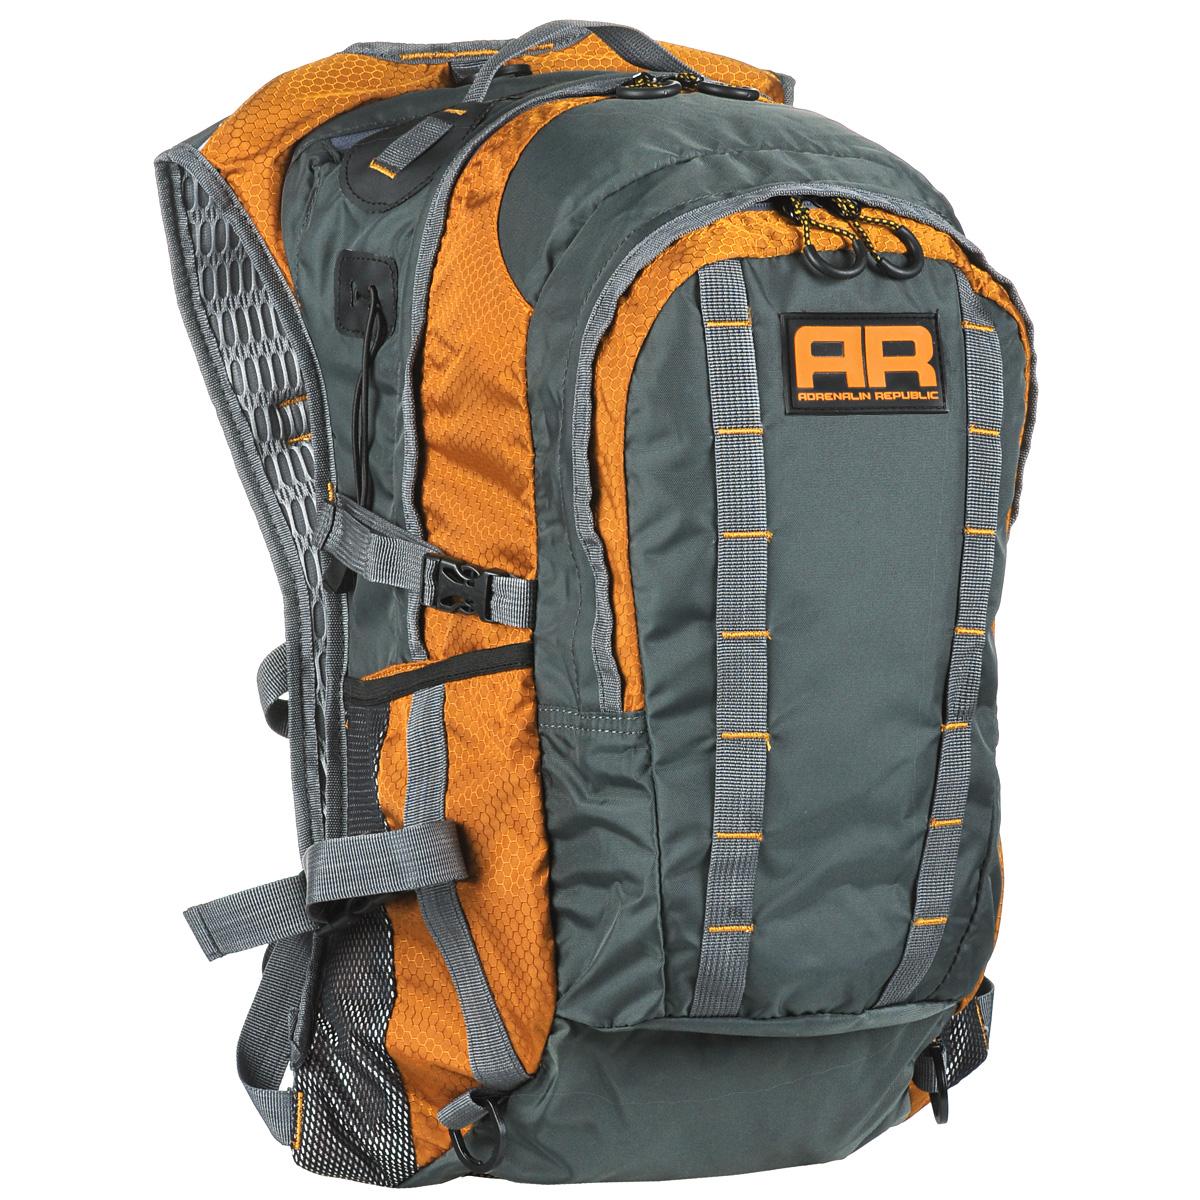 Рюкзак Adrenalin Republic Backpack XL, цвет: оранжевый, серый, 40 лNF-40203Рюкзак Adrenalin Republic Backpack XL – это легкий, вместительный и прочные рюкзак со множеством дополнительных карманов. Собрались на продолжительную рыбалку? Подвесная система рюкзака Adrenalin Republic Backpack XL не стесняет маневренность, а при помощи быстрой регулировки длины плечевых лямок вы равномерно распределите переносимый вес. Оригинальный дизайн, износостойкие материалы и удобная конструкция рыболовного рюкзака Adrenalin Republic Backpack XL означают комфорт и незабываемые дни, проведенные на рыбалке.